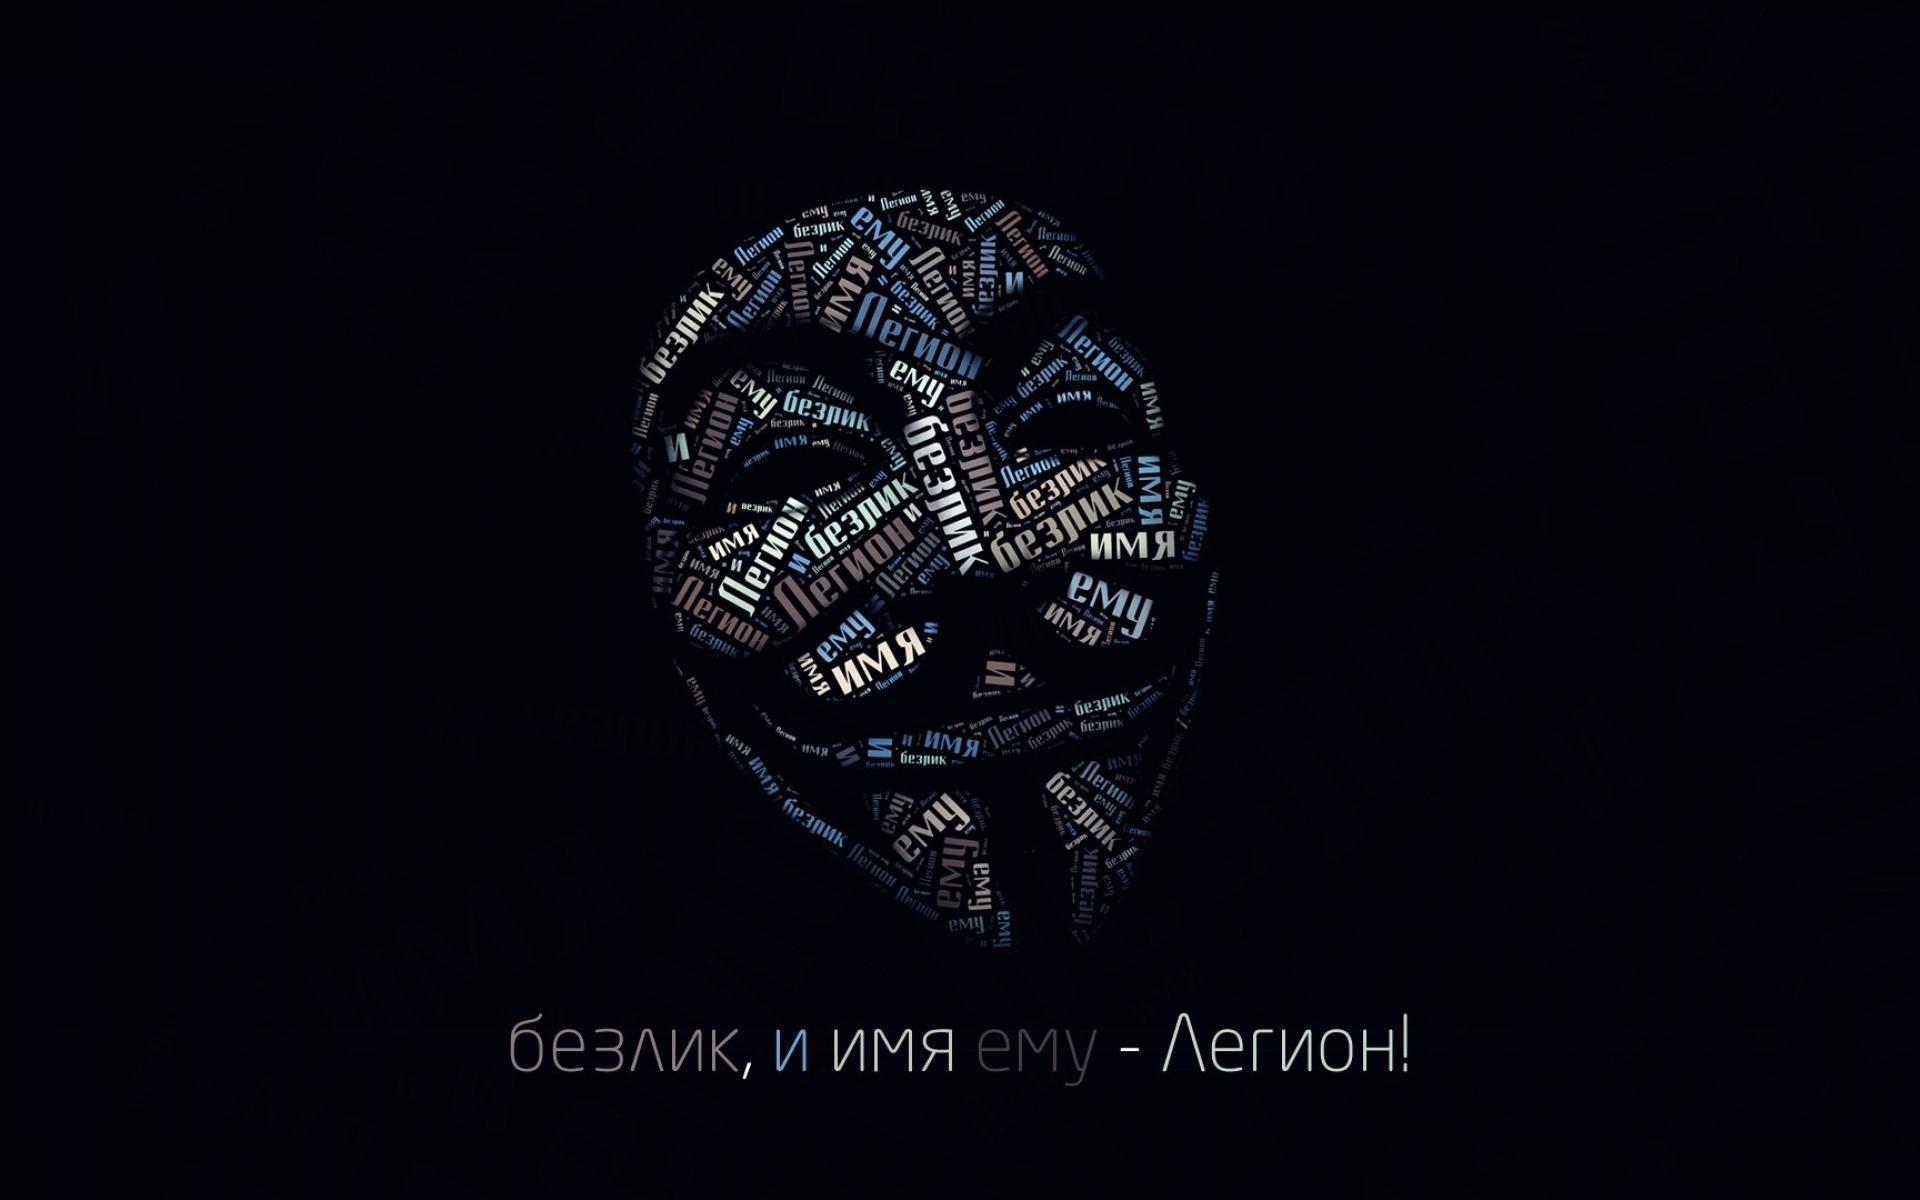 1203x655 V For Vendetta Wallpaper